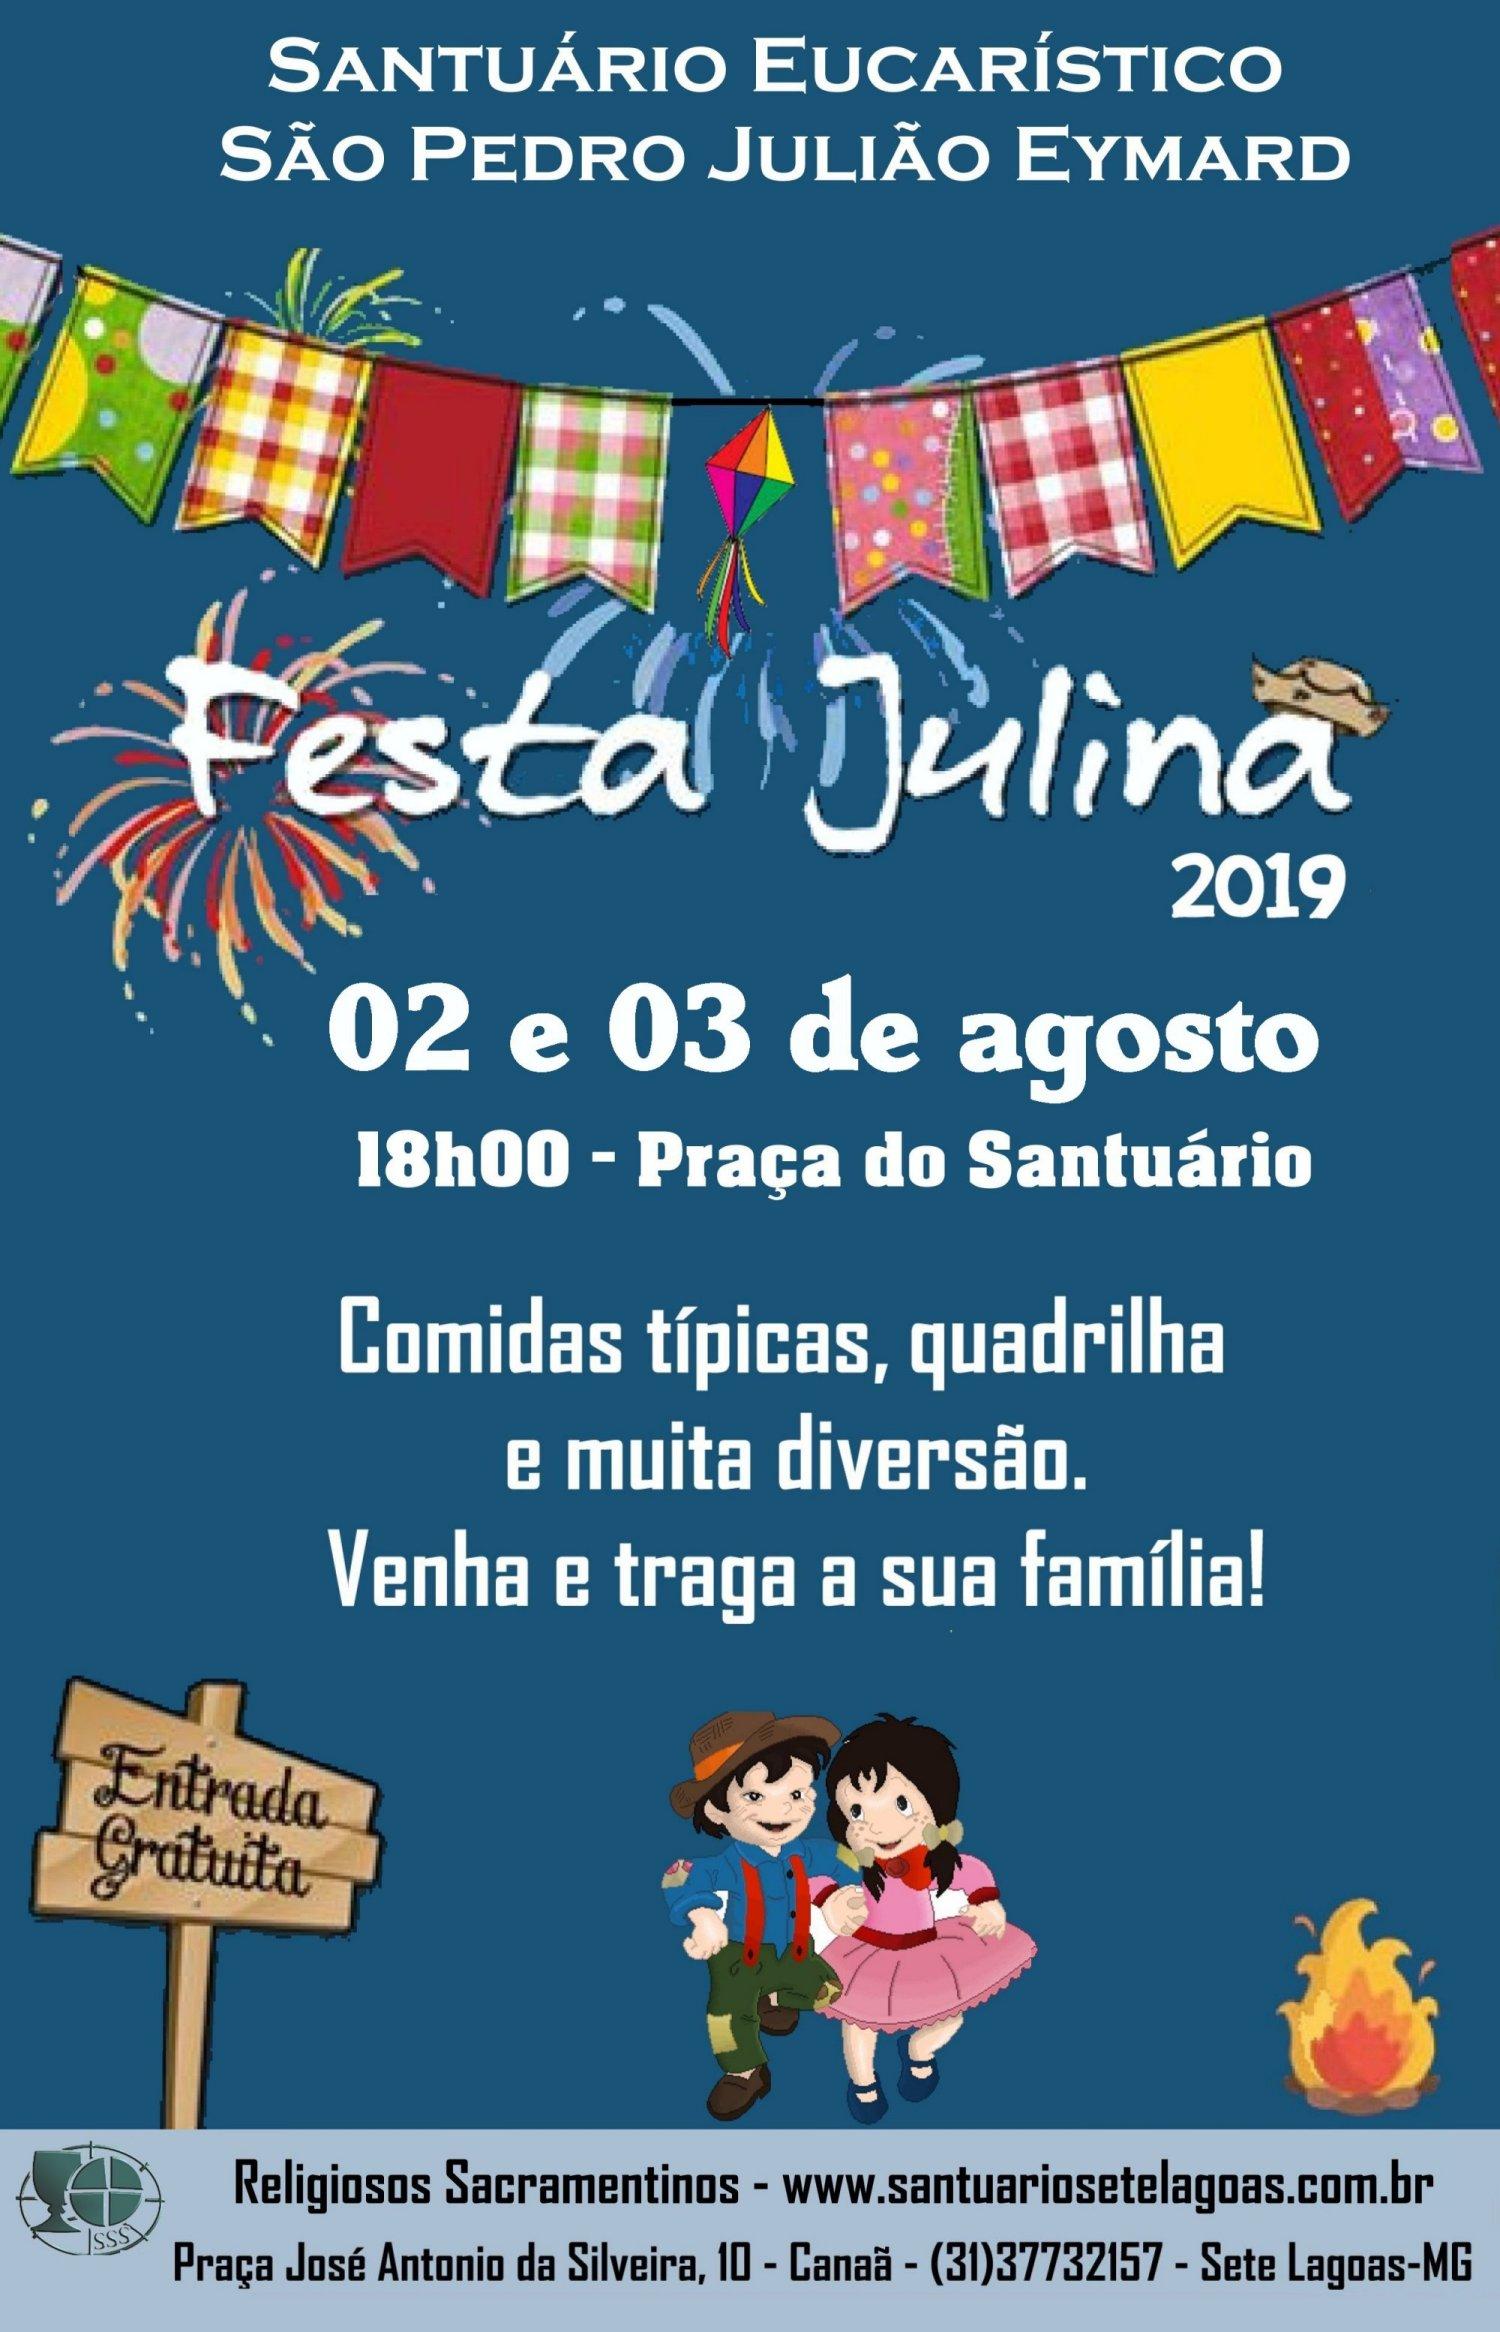 Festa Julina dias 02 e 03 de agosto no Santuário São Pedro Julião Eymard. Participe!